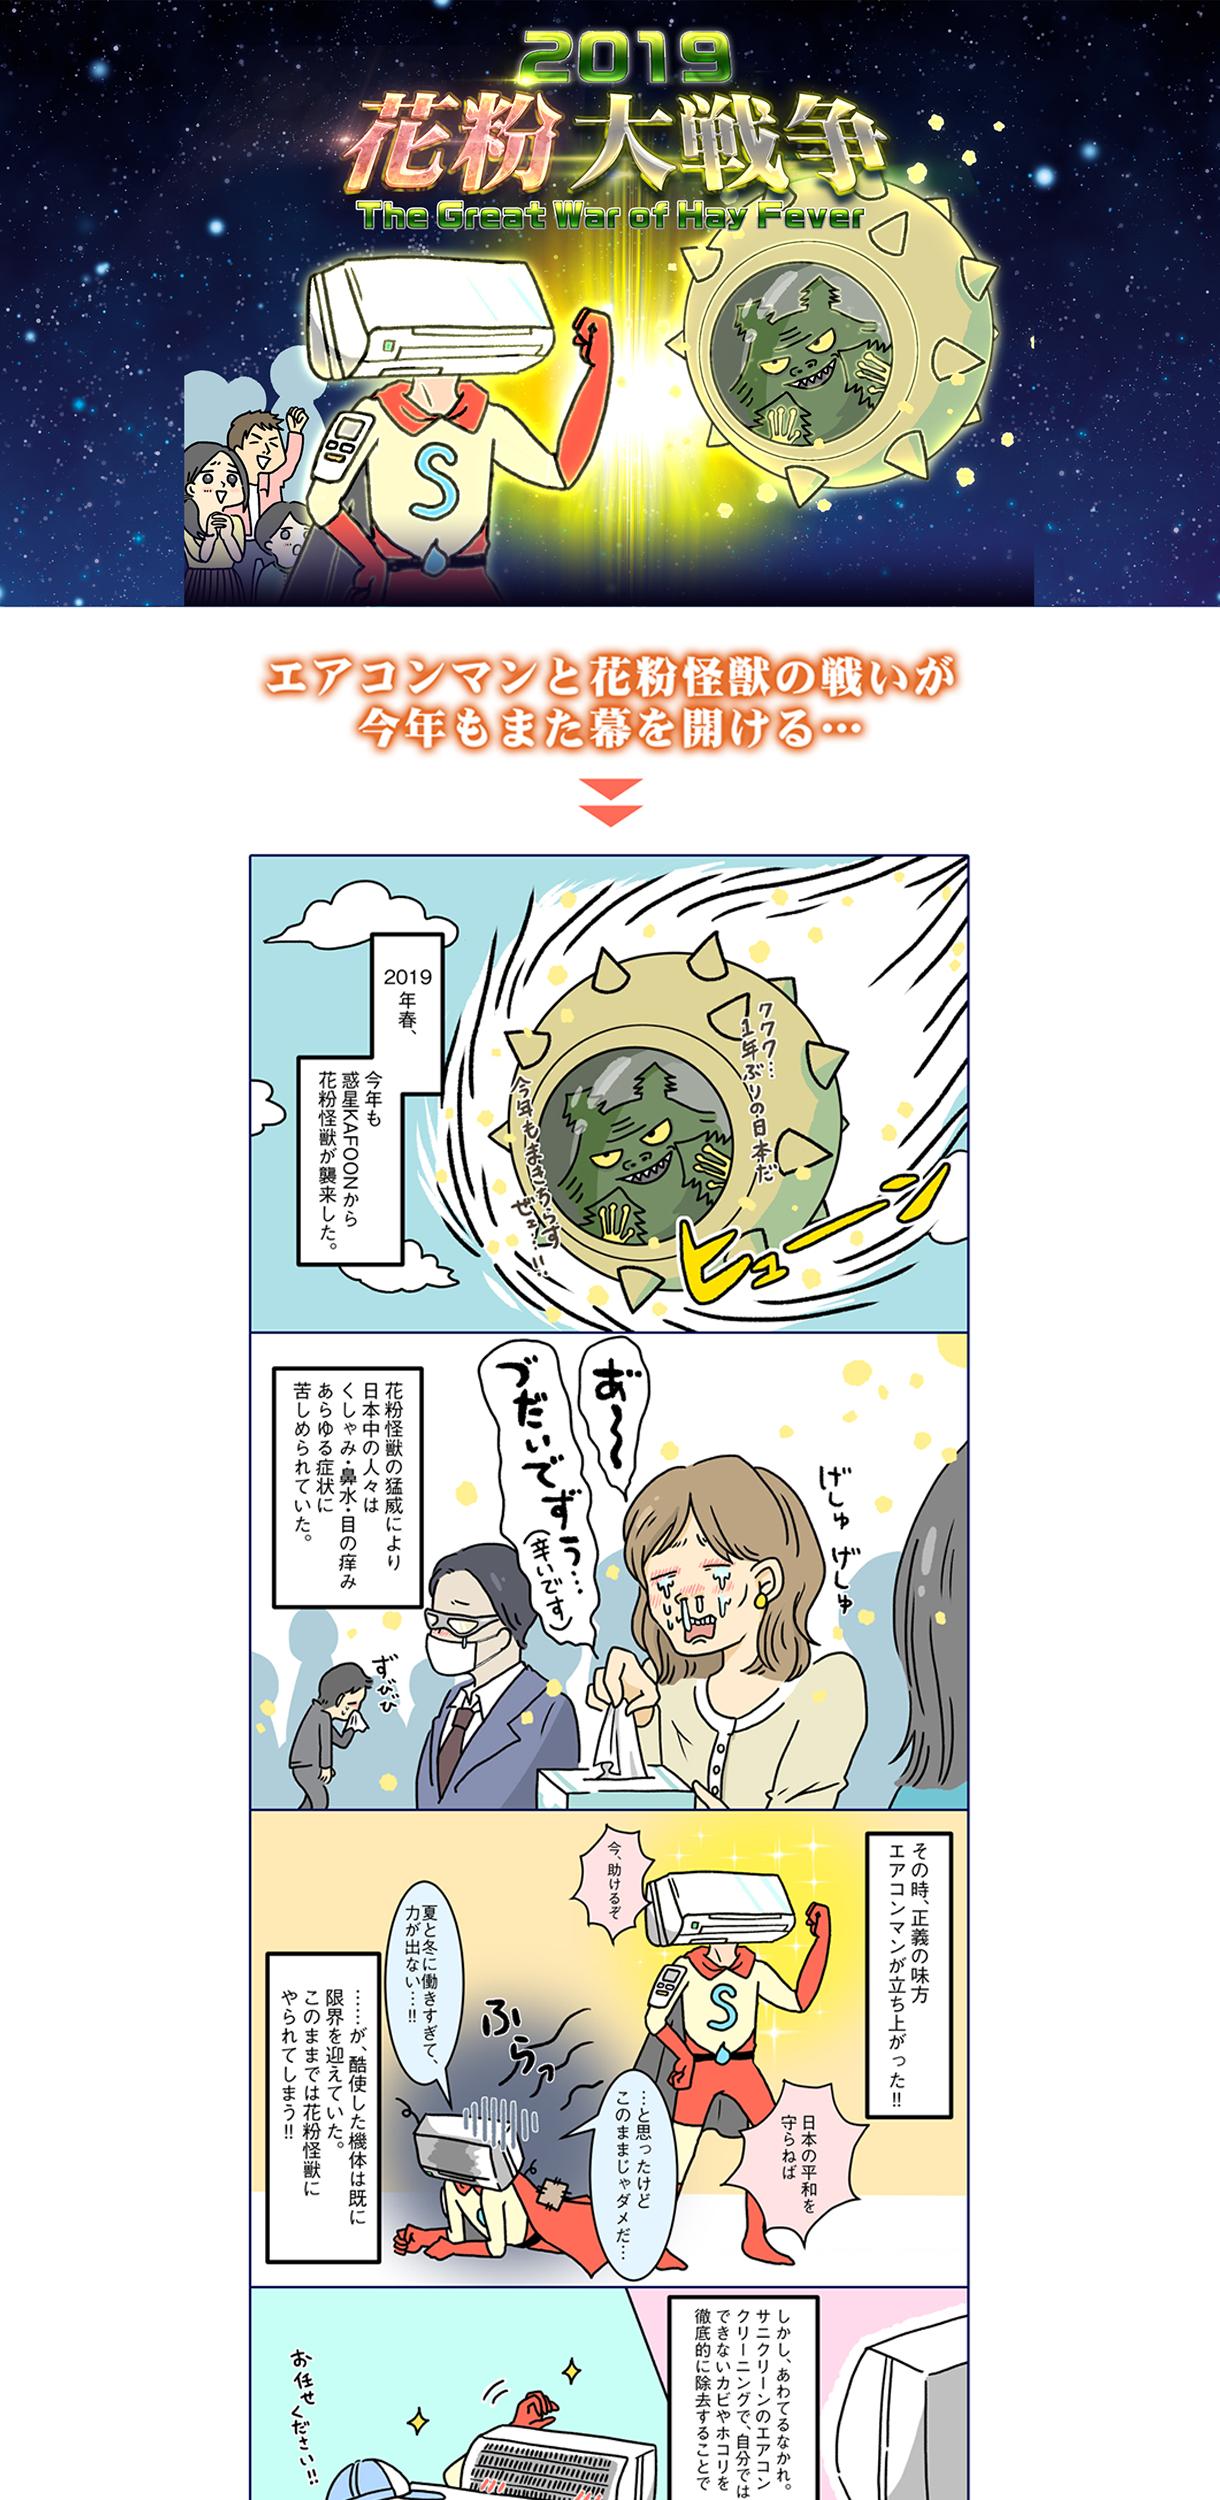 2019 花粉大戦争